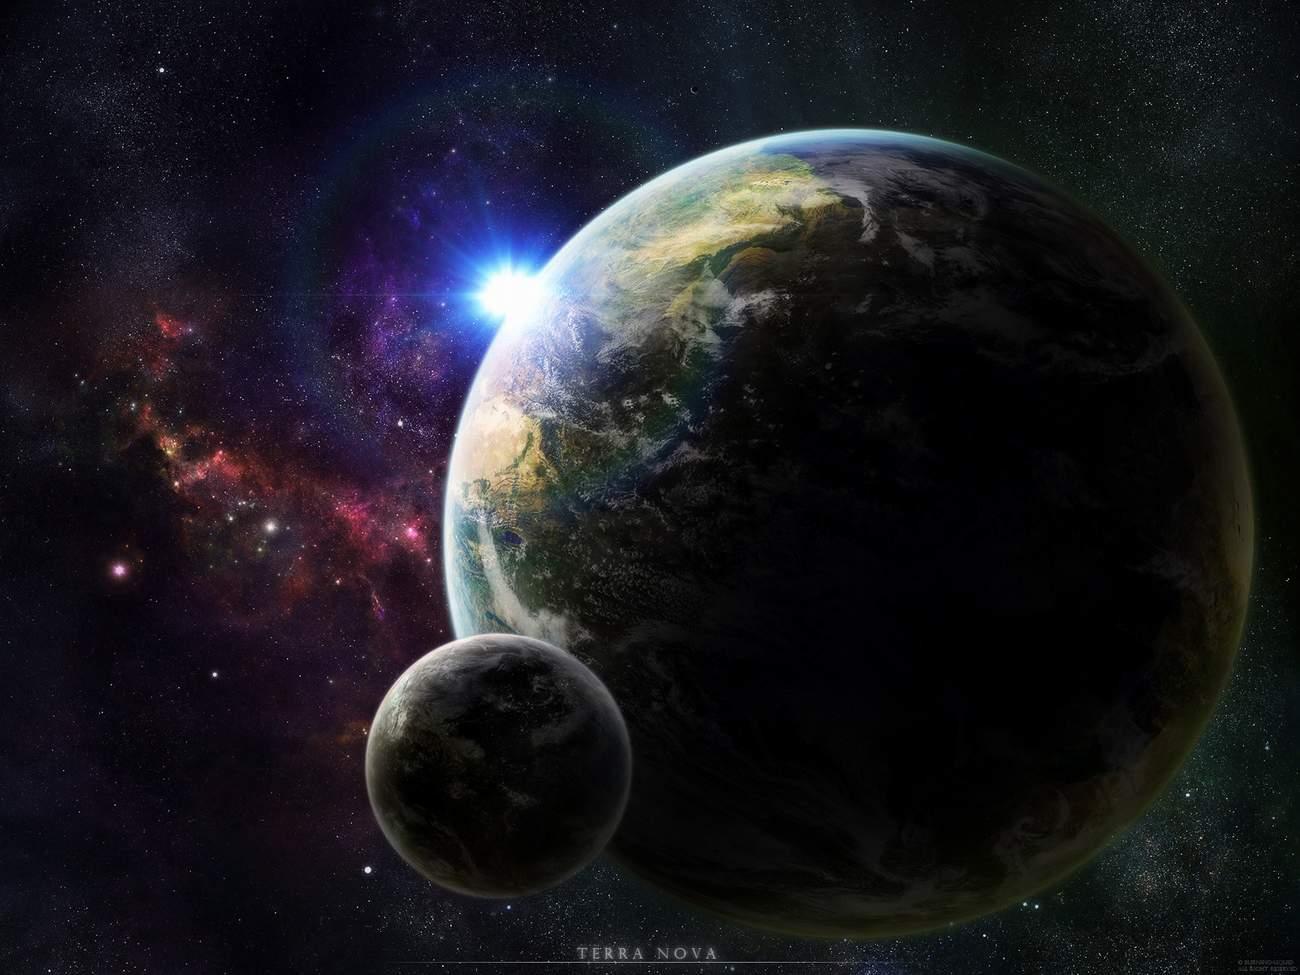 http://2.bp.blogspot.com/-S32yJE2EitQ/TmPnicNRX1I/AAAAAAAABNQ/pY6Xwi48xa8/s1600/Earth+wallpaper.jpg